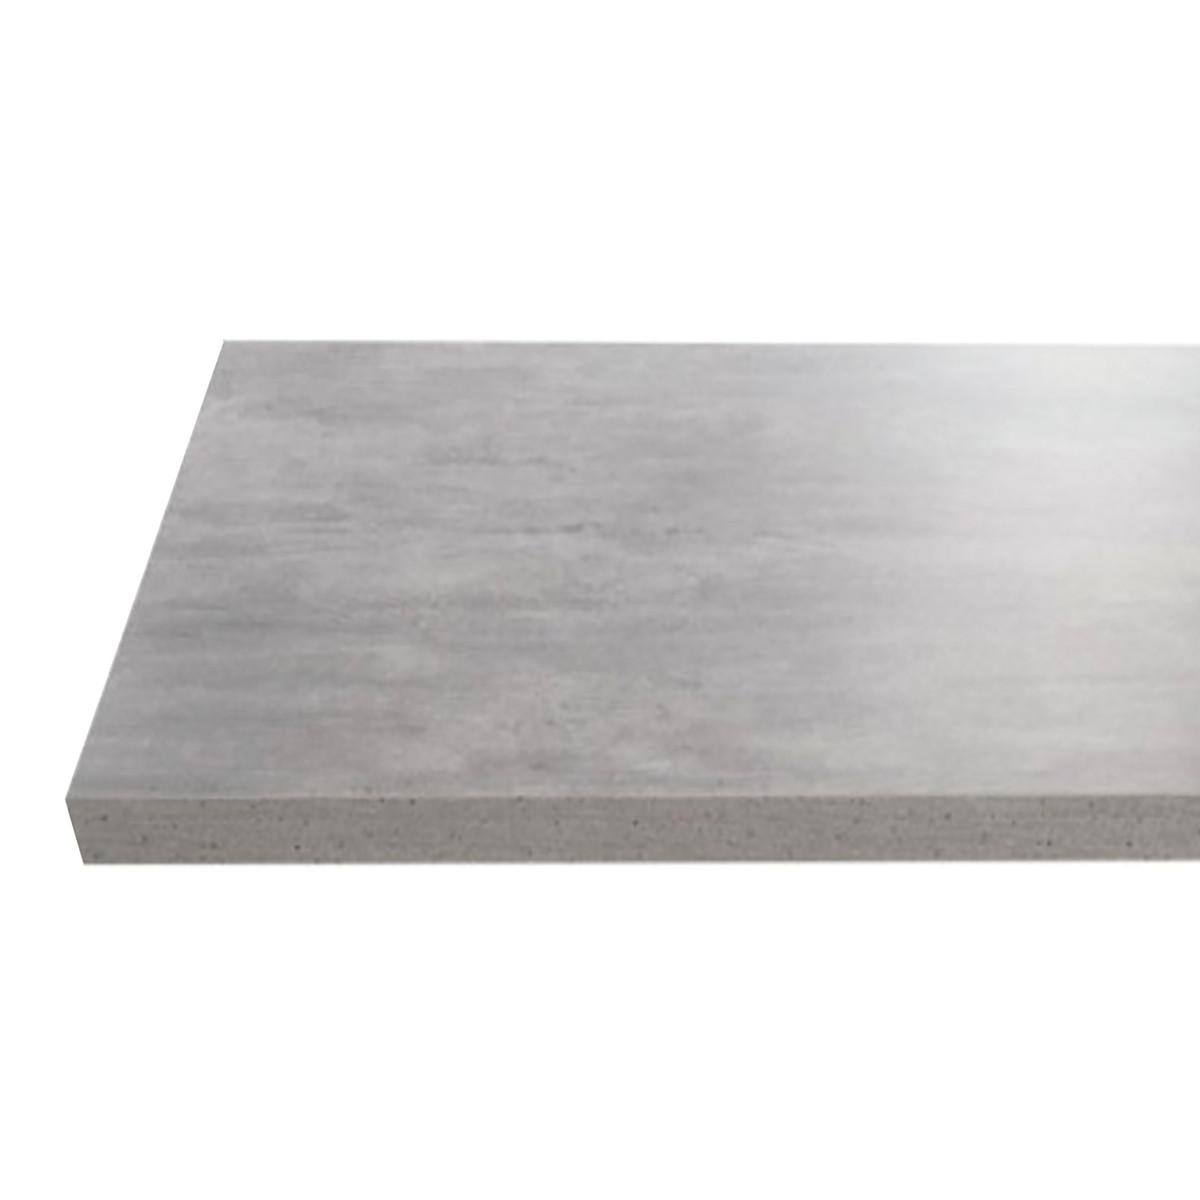 Top per lavabo d'appoggio Remix Rovere Scuro 4 x 50 cm